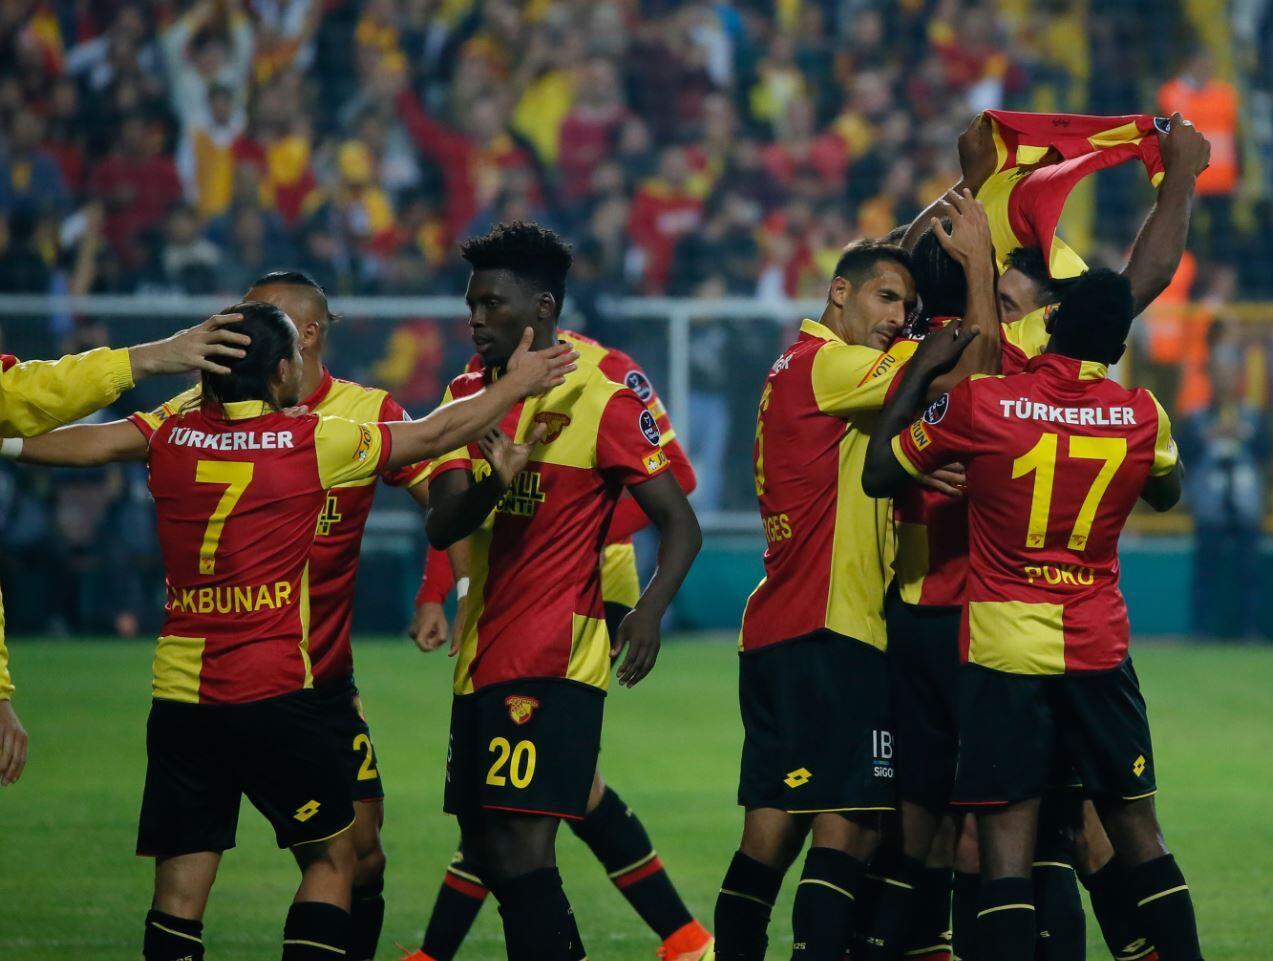 Galatasaray Atiker Konyaspor maçı ne zaman saat kaçta hangi kanalda canlı yayınlanacak 6